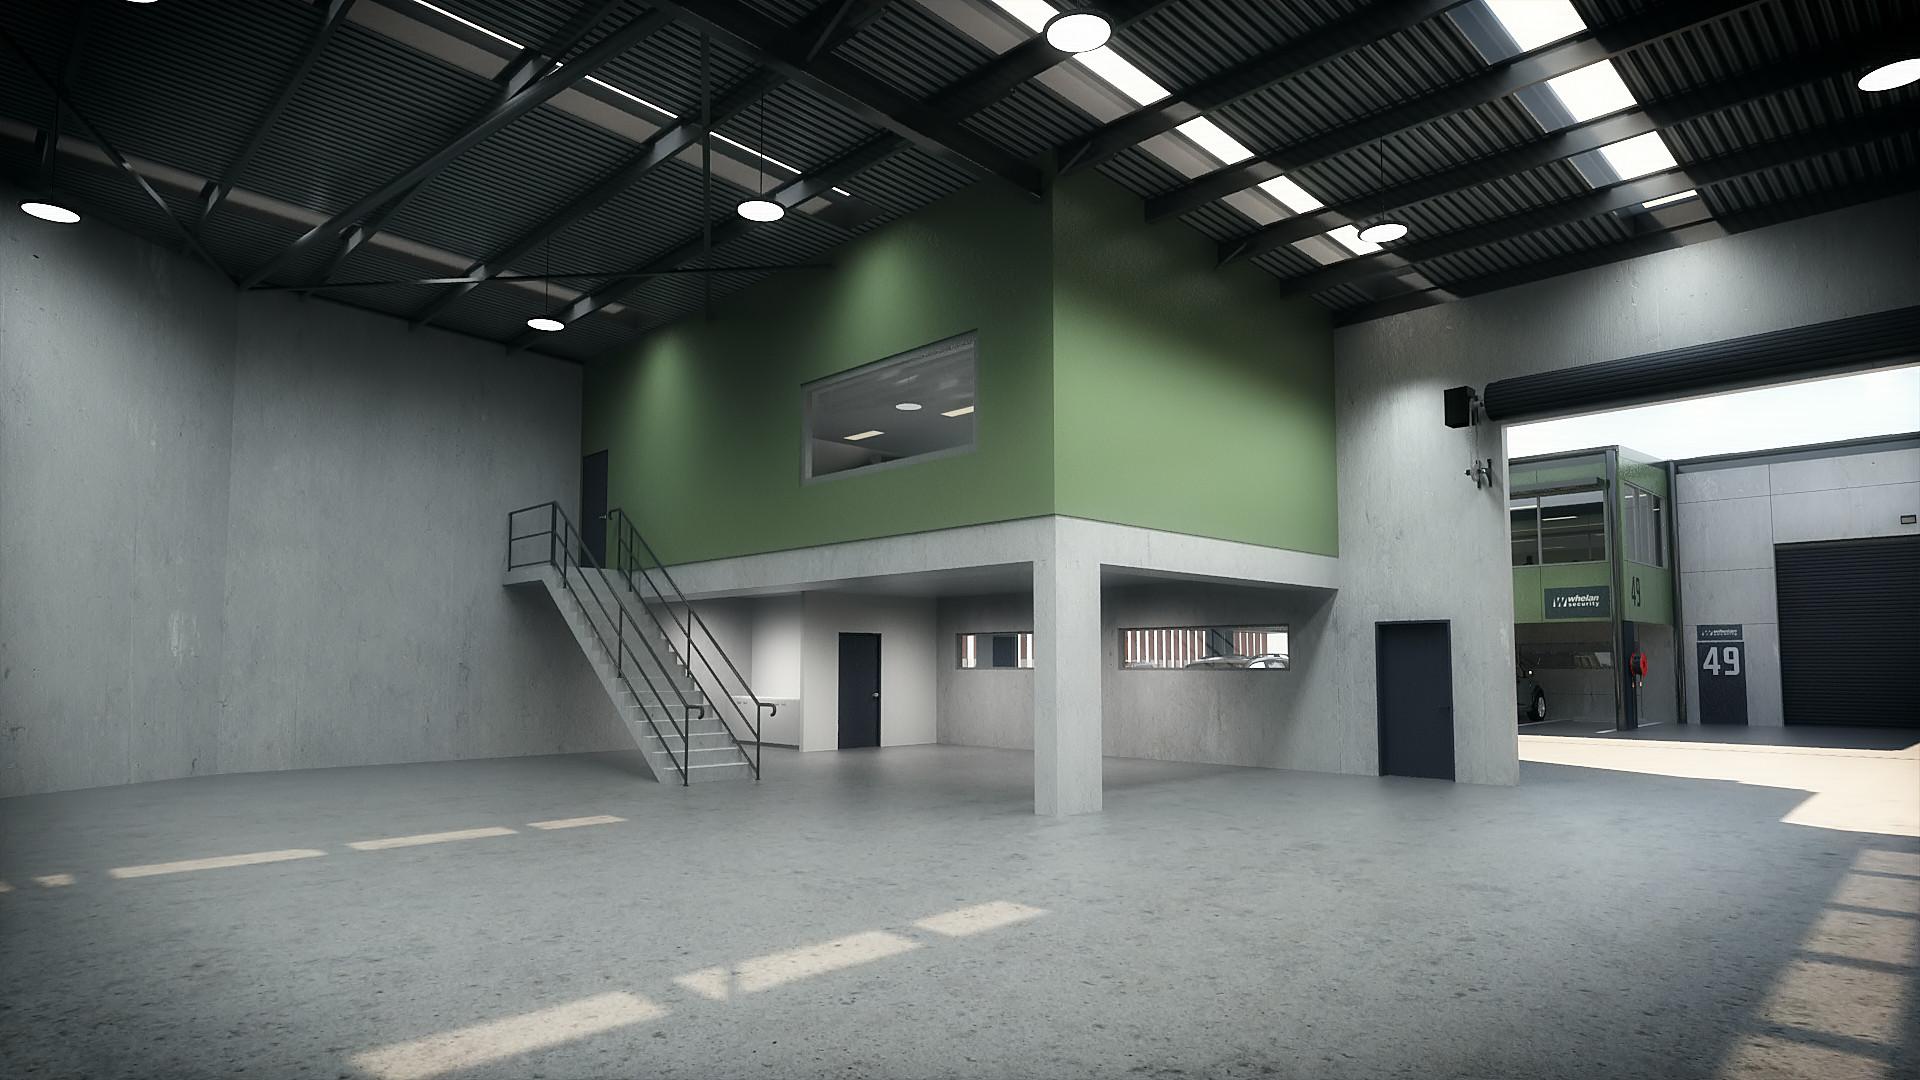 Interior_00141.jpg